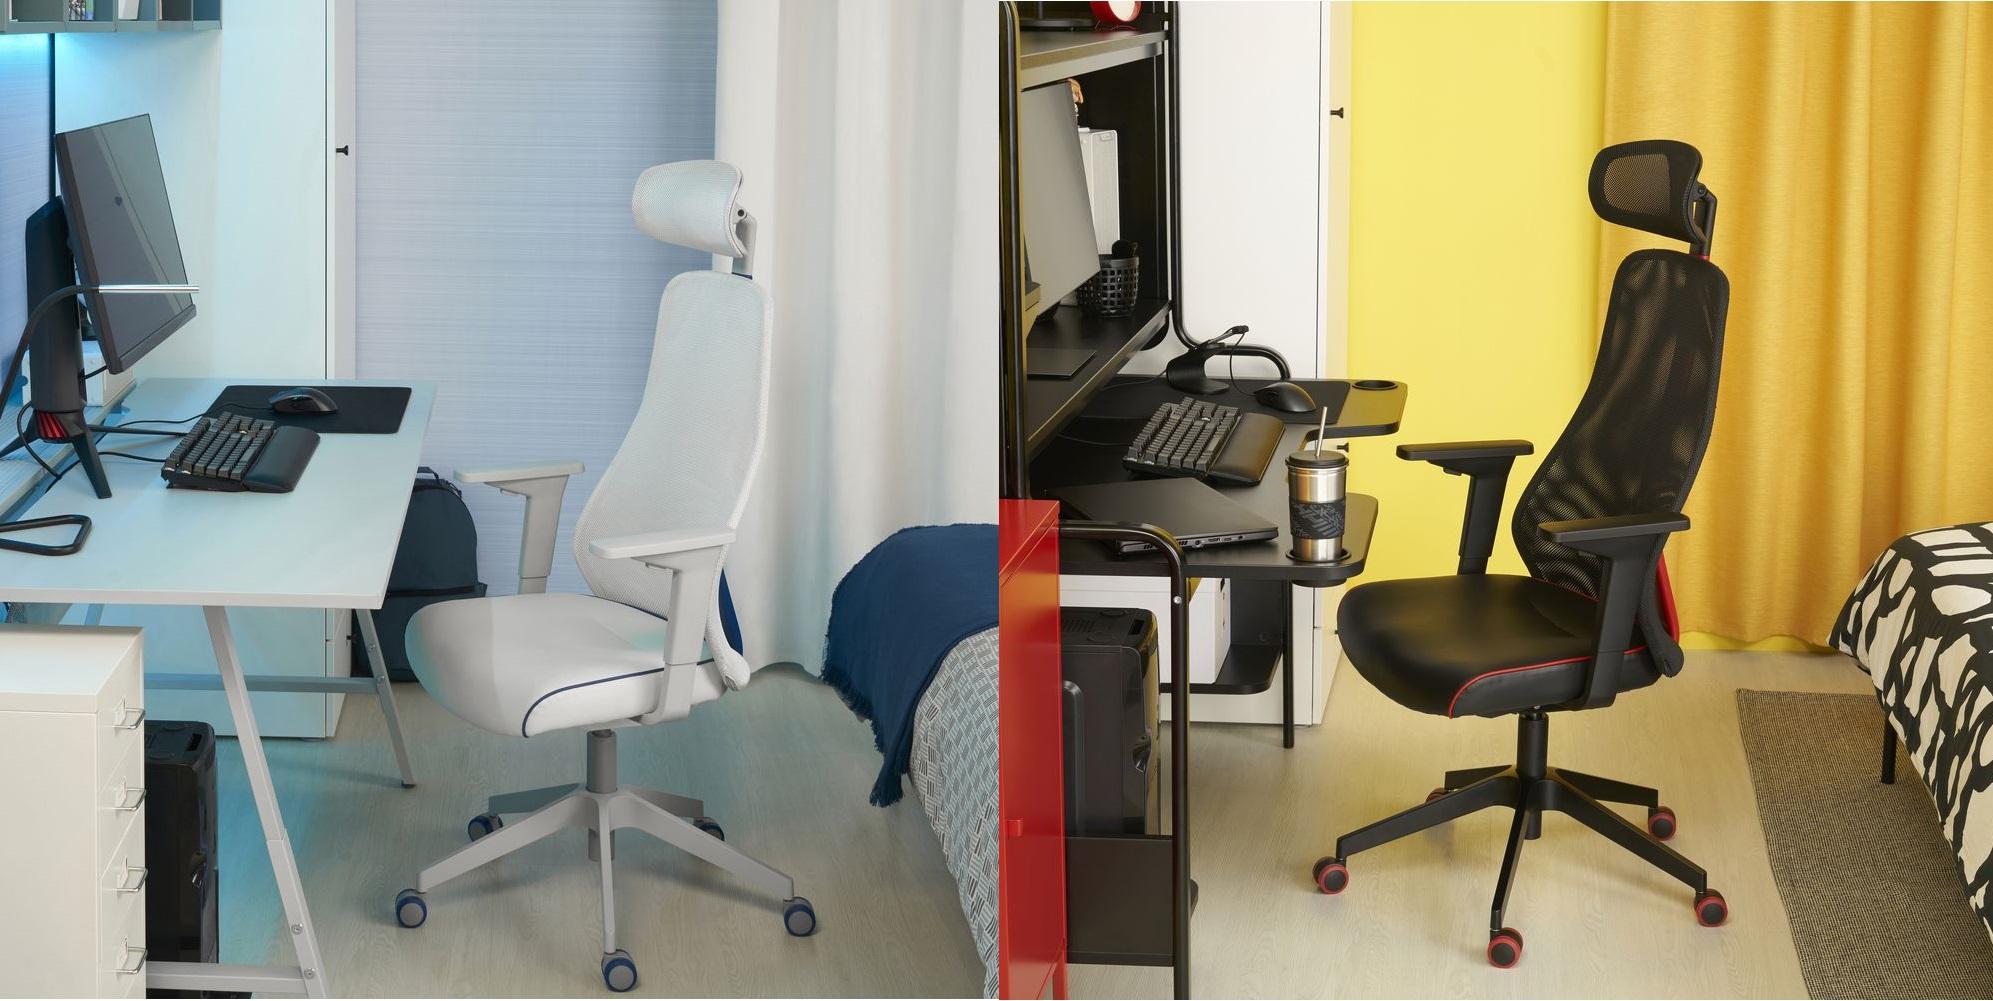 Mueble IKEA x Asus ROG 1 0